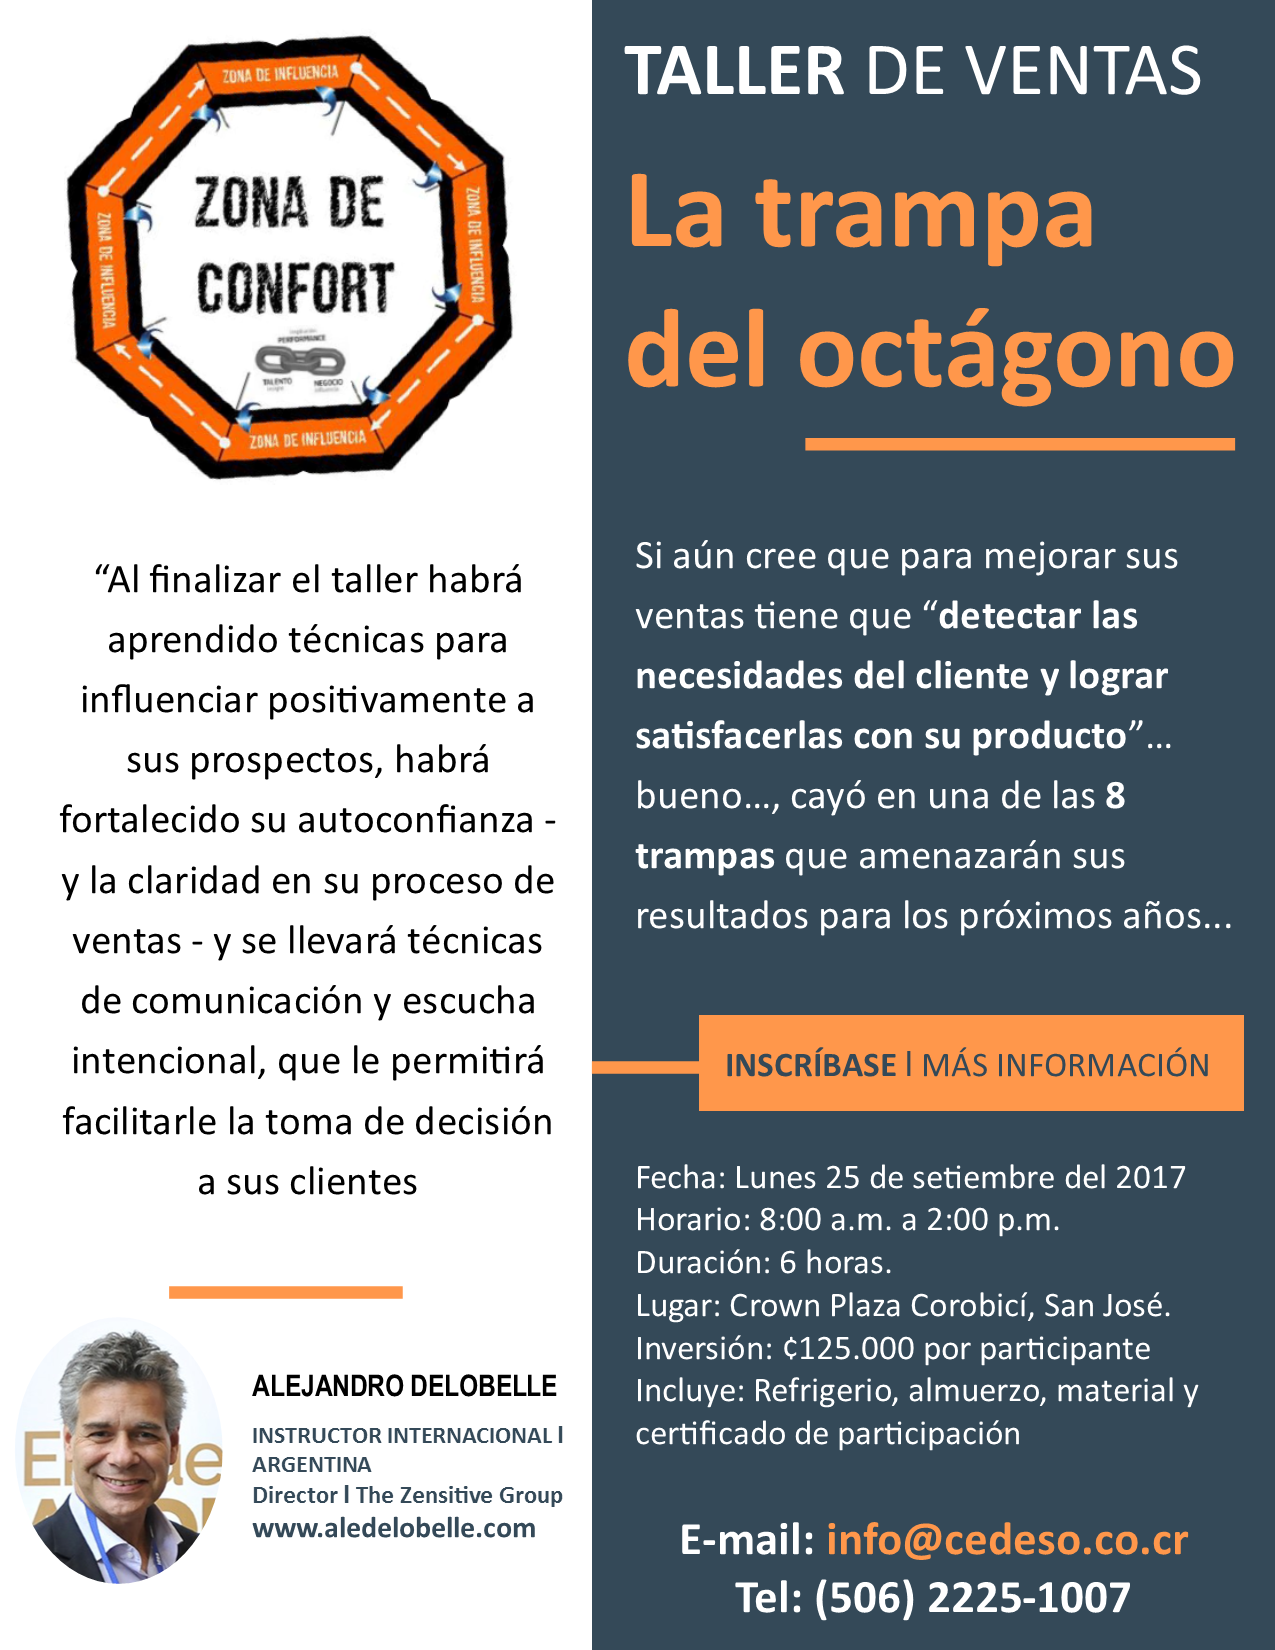 AD en Costa Rica!